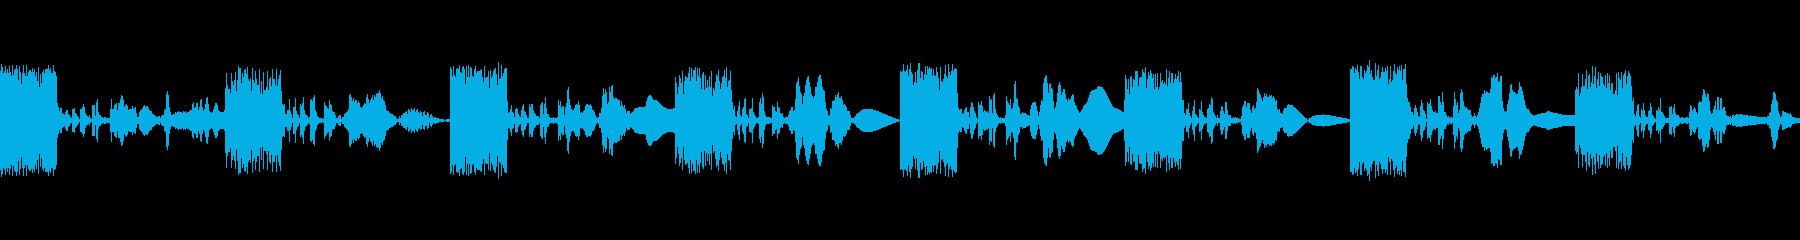 マーチングラバーエイリアンの再生済みの波形